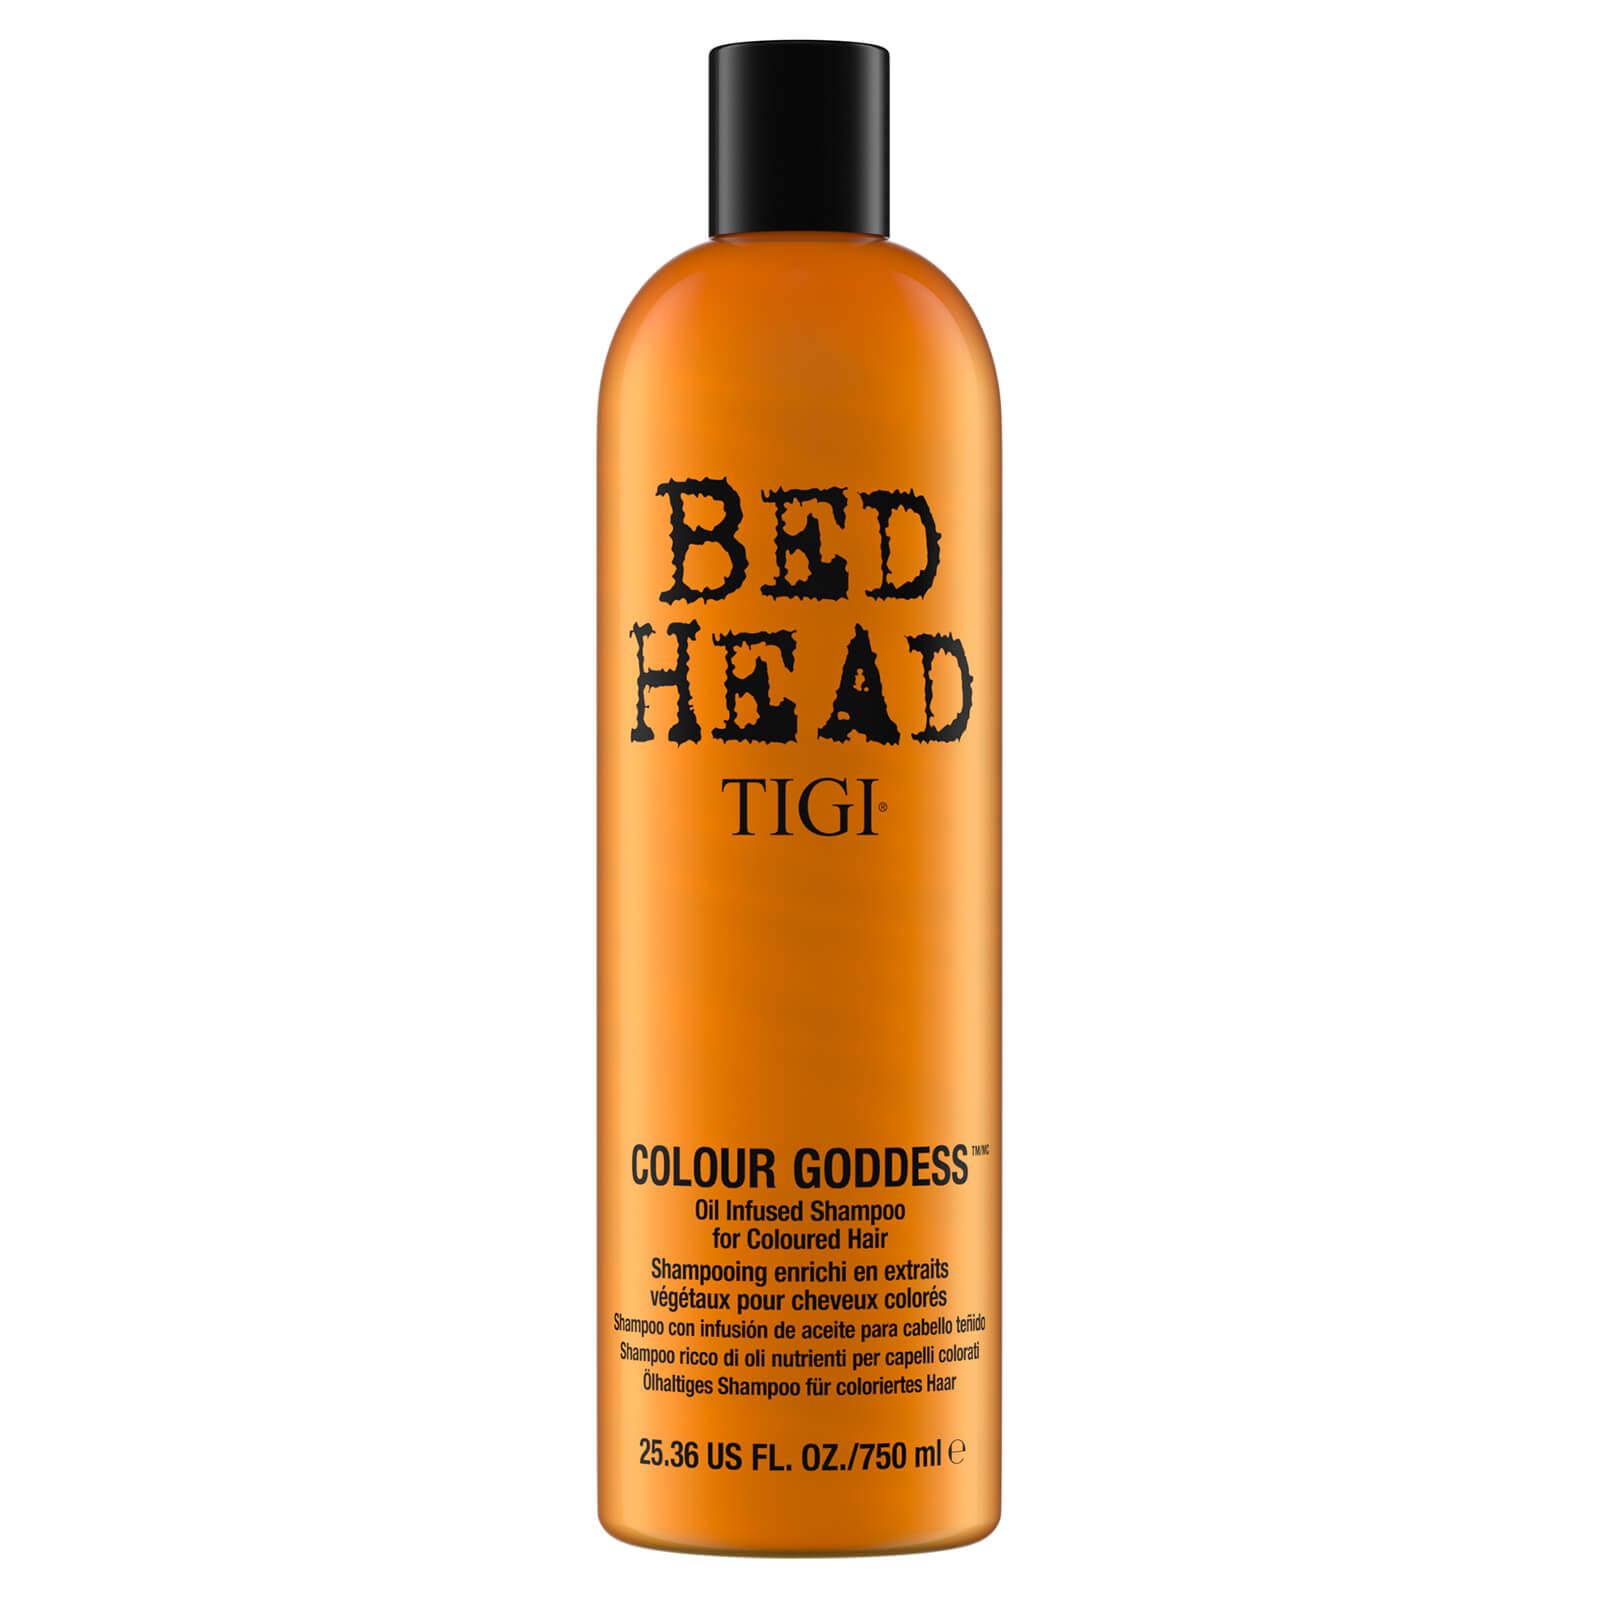 TIGI Shampooing enrichi en extraits végétaux pour cheveux colorés Colour Goddess TIGI Bed Head 750ml